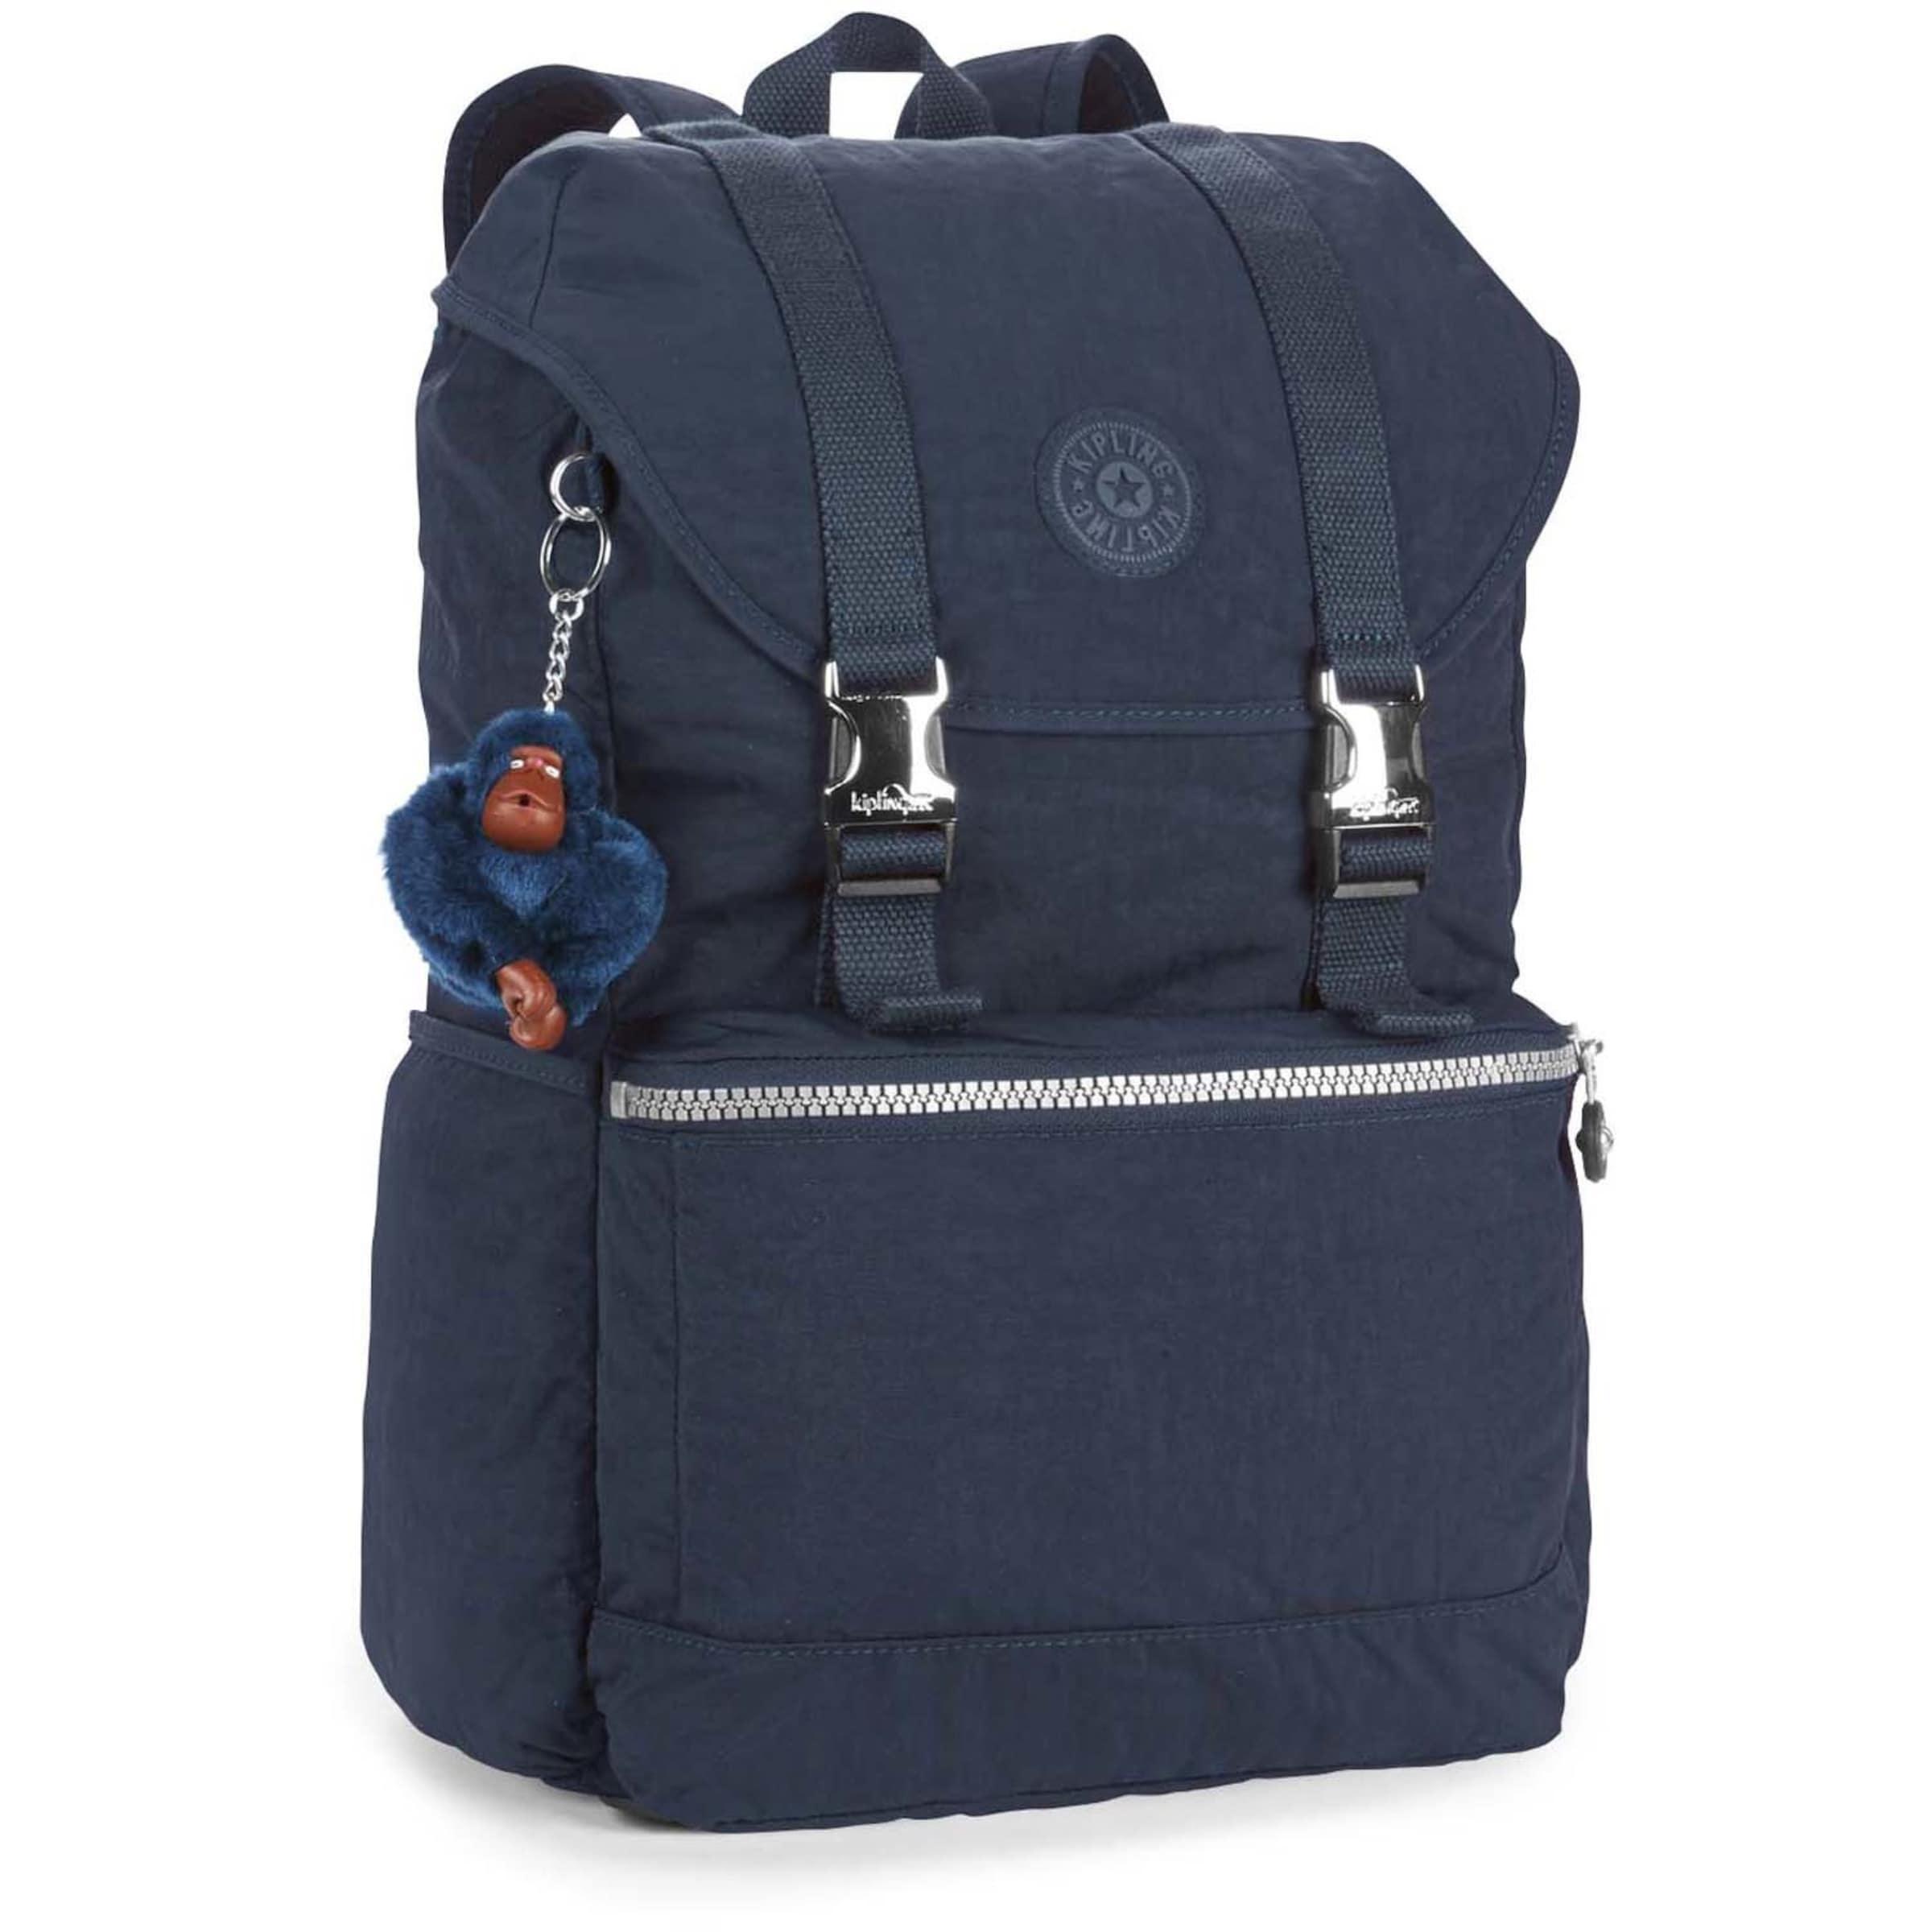 Preise Und Verfügbarkeit Für Verkauf KIPLING Experience Medium Rucksack 45 cm Eastbay Verkauf Online 0MKhDz